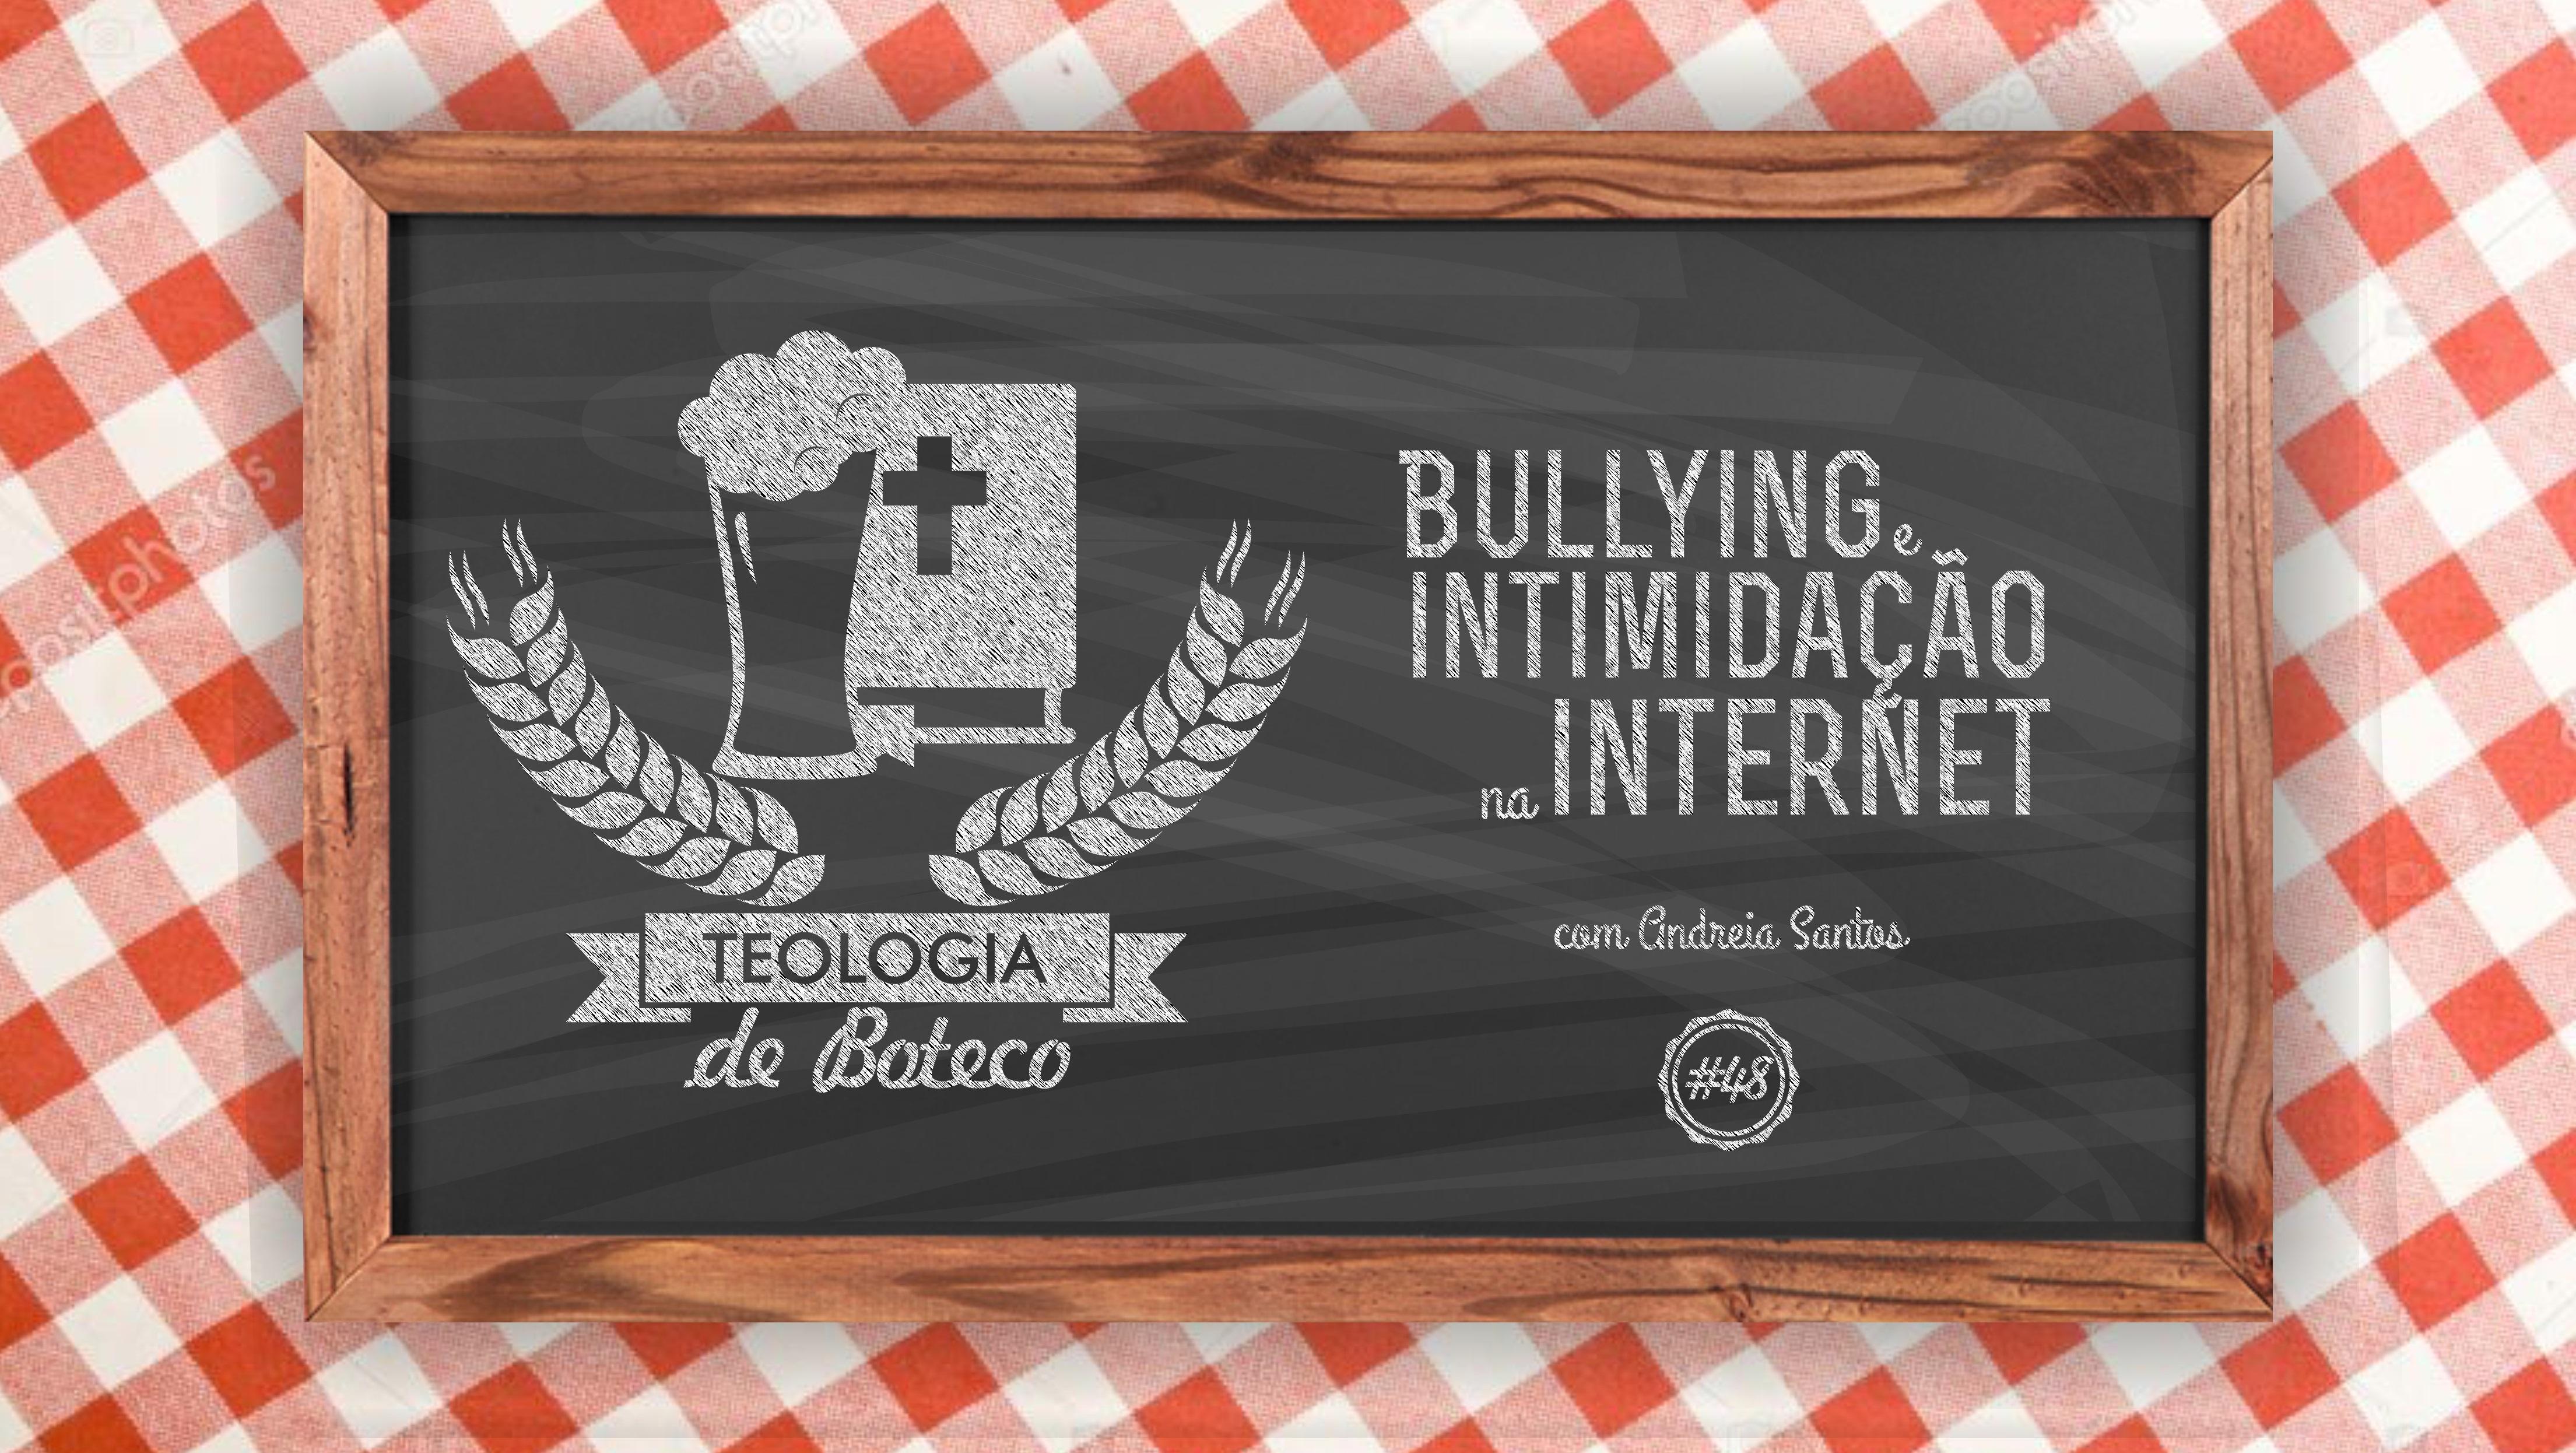 Teologia de Boteco 48 Bullying e Intimidação na Internet